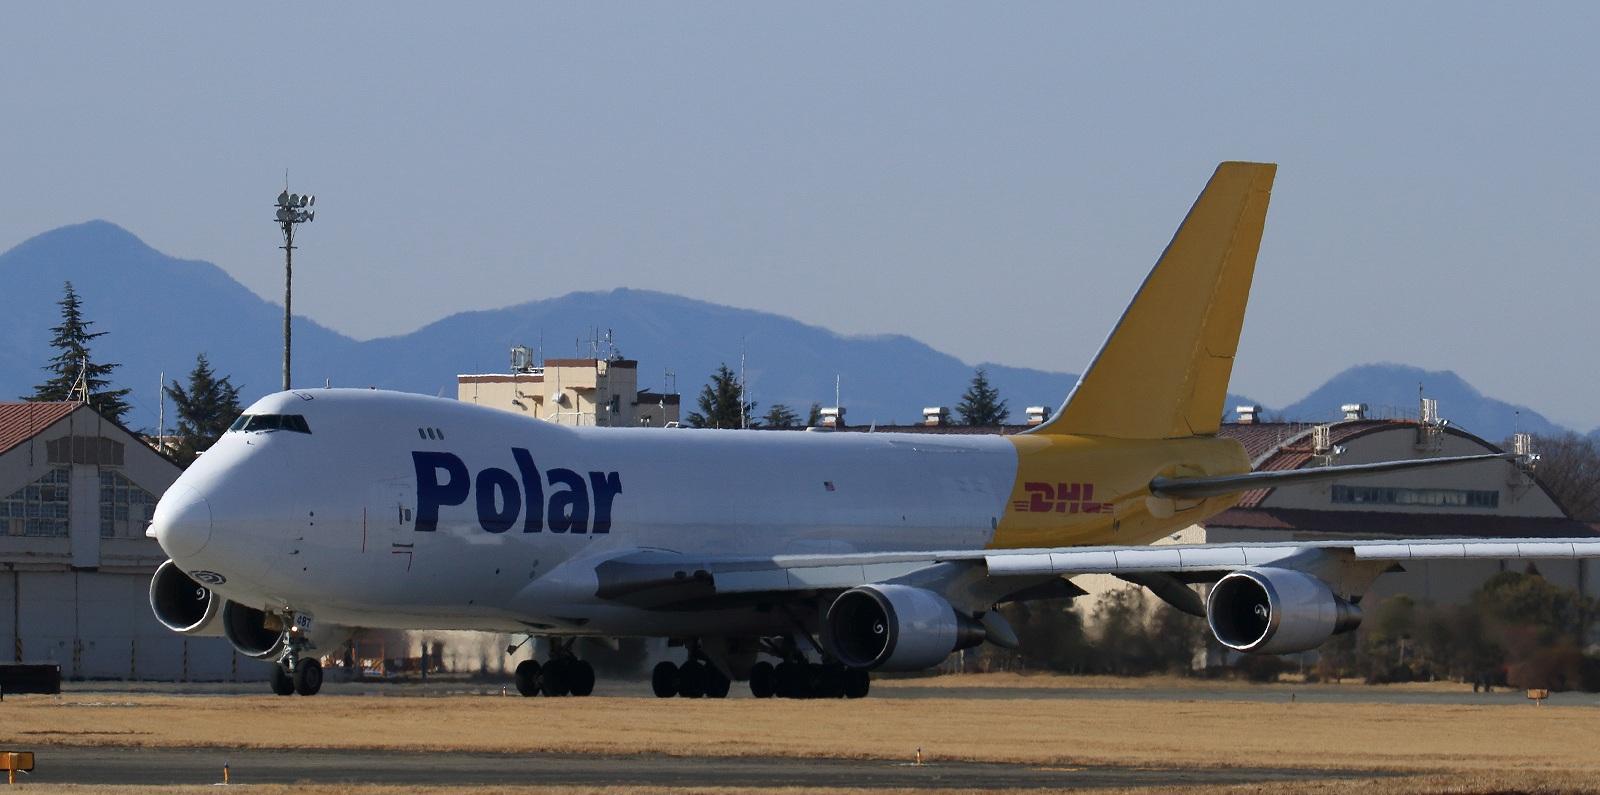 Polar190210mt658